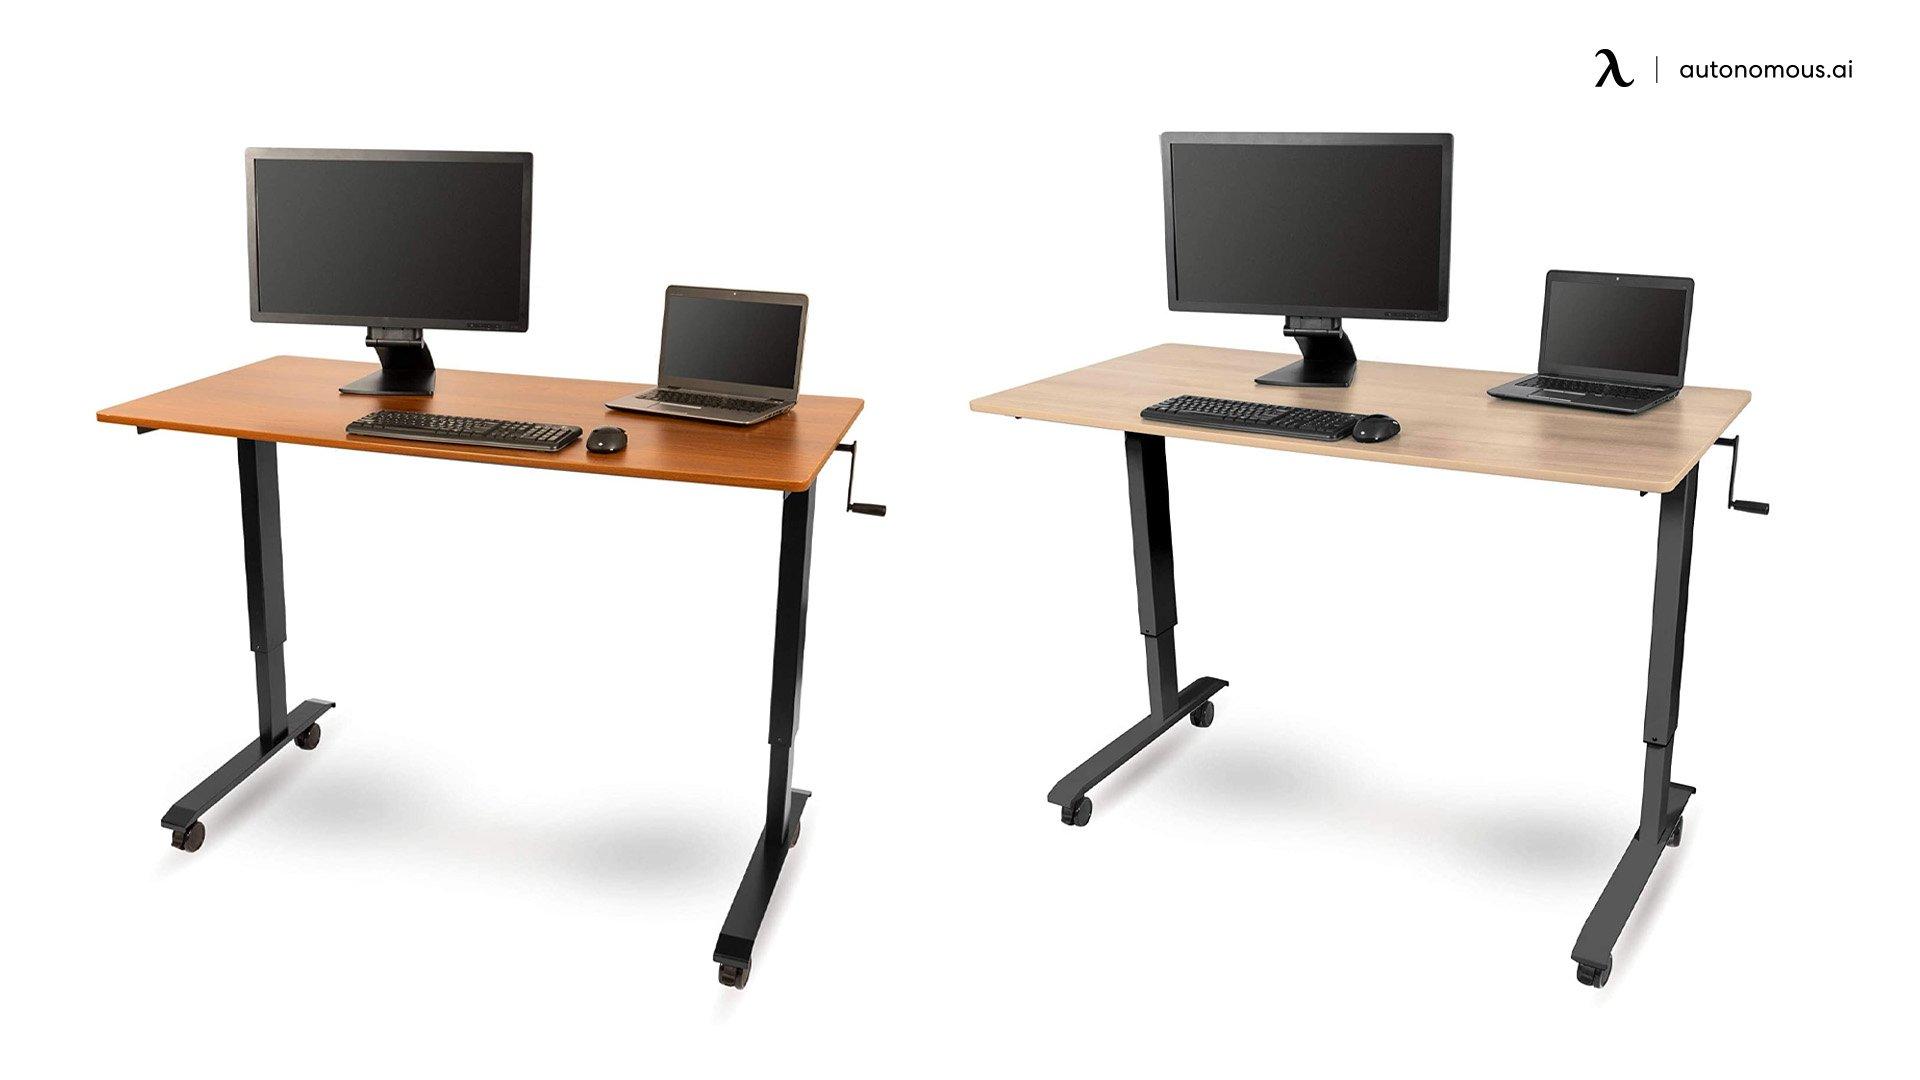 The Crank Adjustable Height Standing Desk